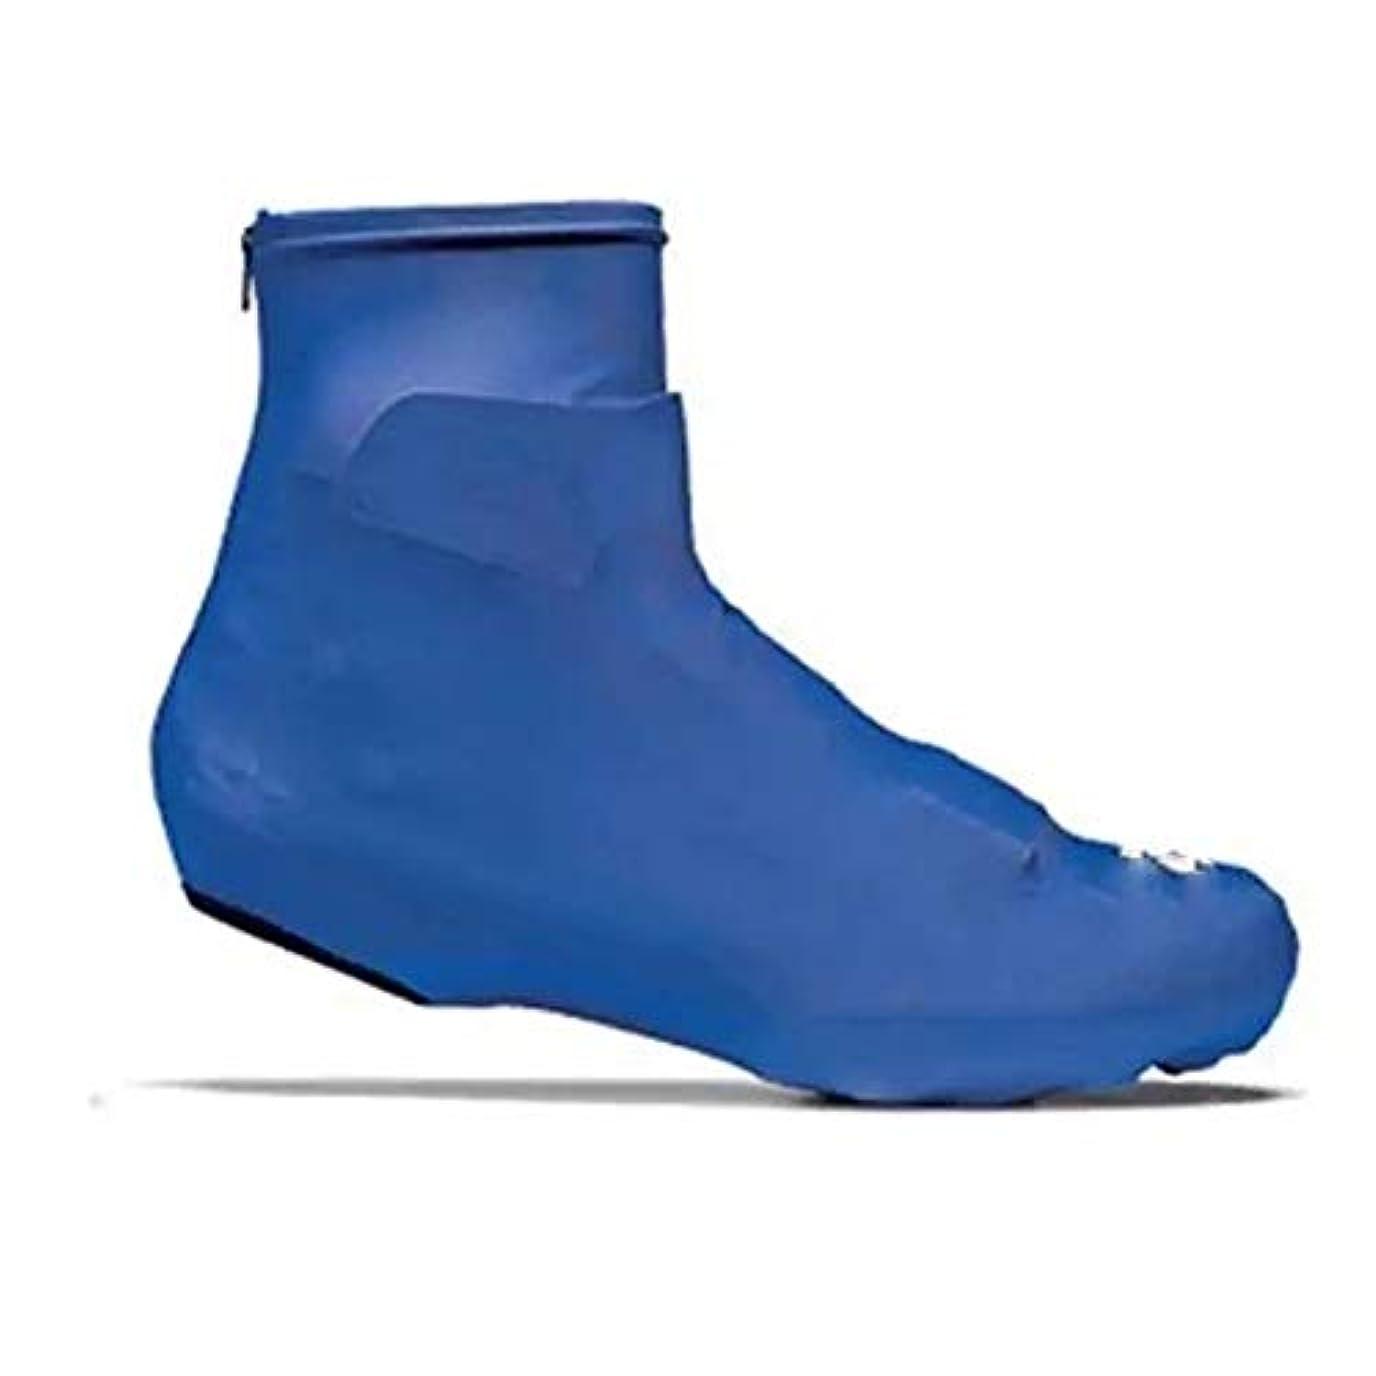 展望台全国親Meet now サイクリングシューズ、アウトドア乗馬、暖かくて防風の靴カバー、レインブーツ、保護カバー、足、黒い自転車の靴カバー、普遍的な靴のカバー、伸縮性のある布地、衝撃吸収、脱落防止、防汚性防水靴カバー 品質保証 (Color : Blue, Size : EU-40)